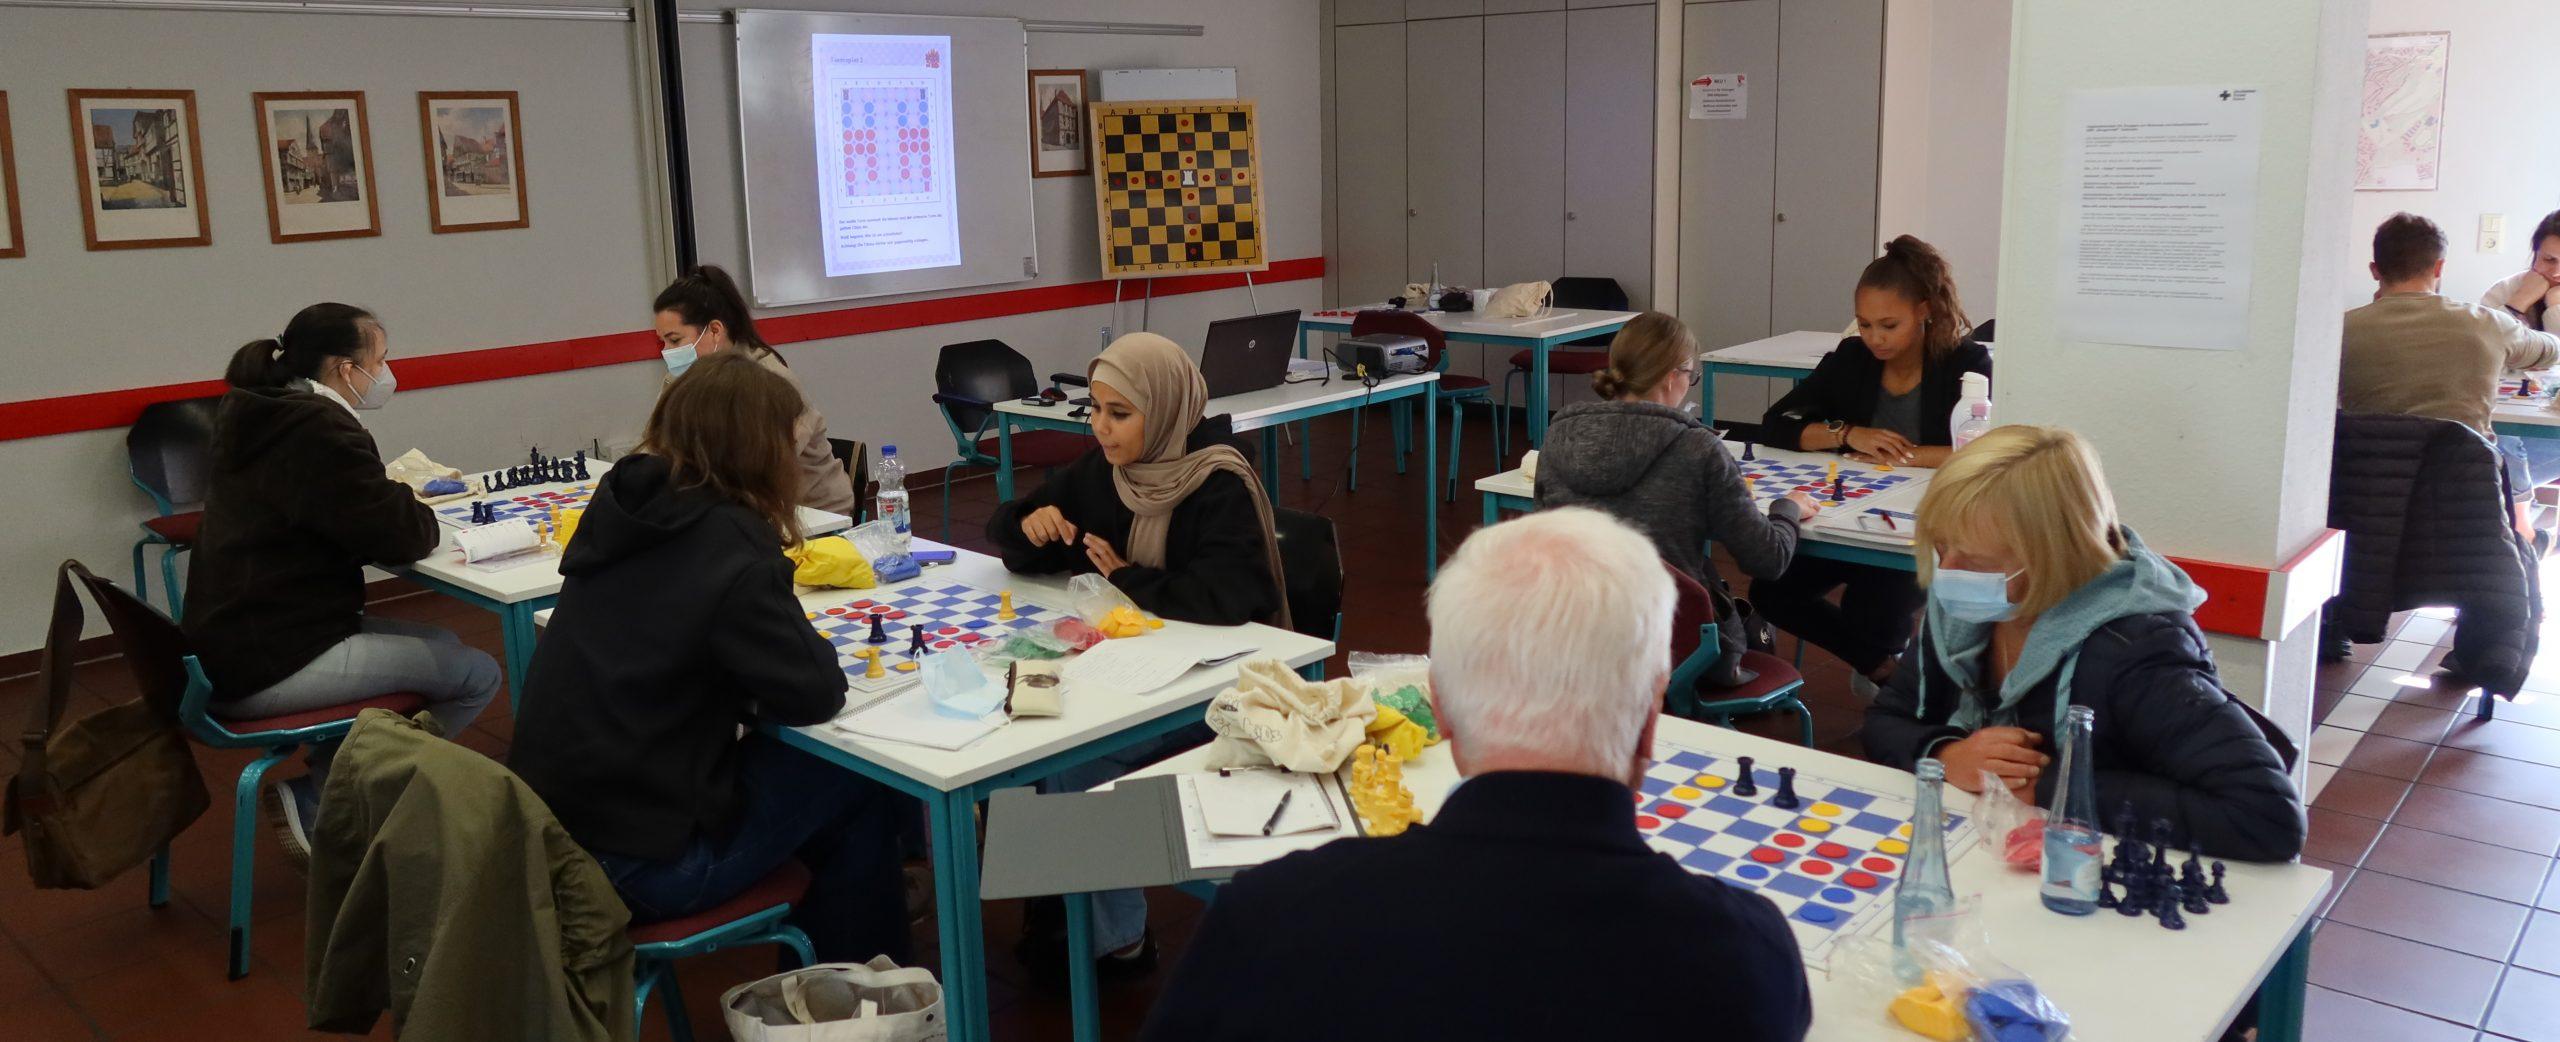 SfK-Seminar im Rahmen der TalentTage Ruhr